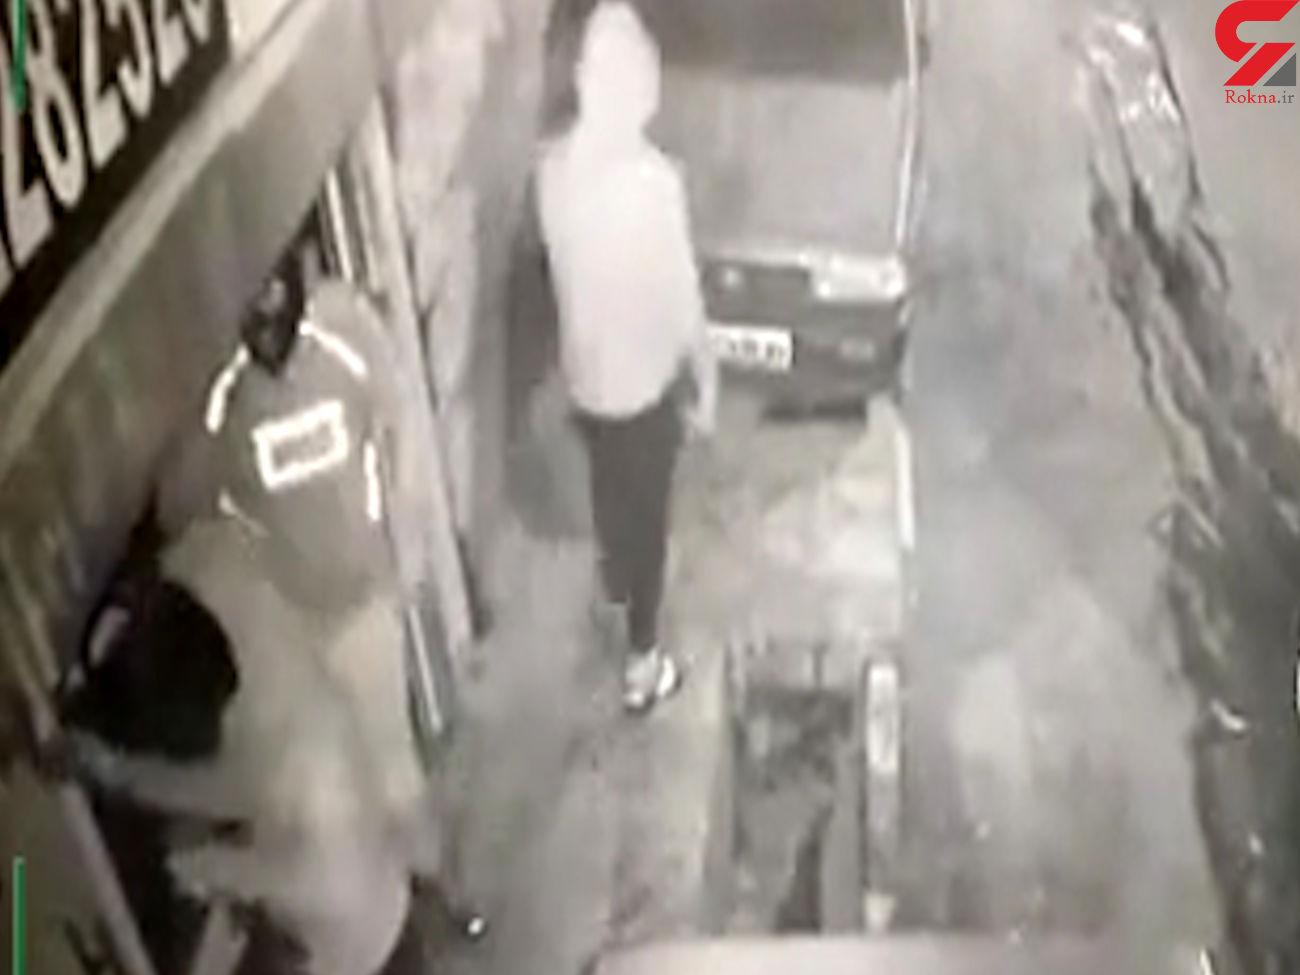 دومین سرقت ناموفق سه سارق نقاب دار/ این بار در نسیم شهر رخ داد +فیلم